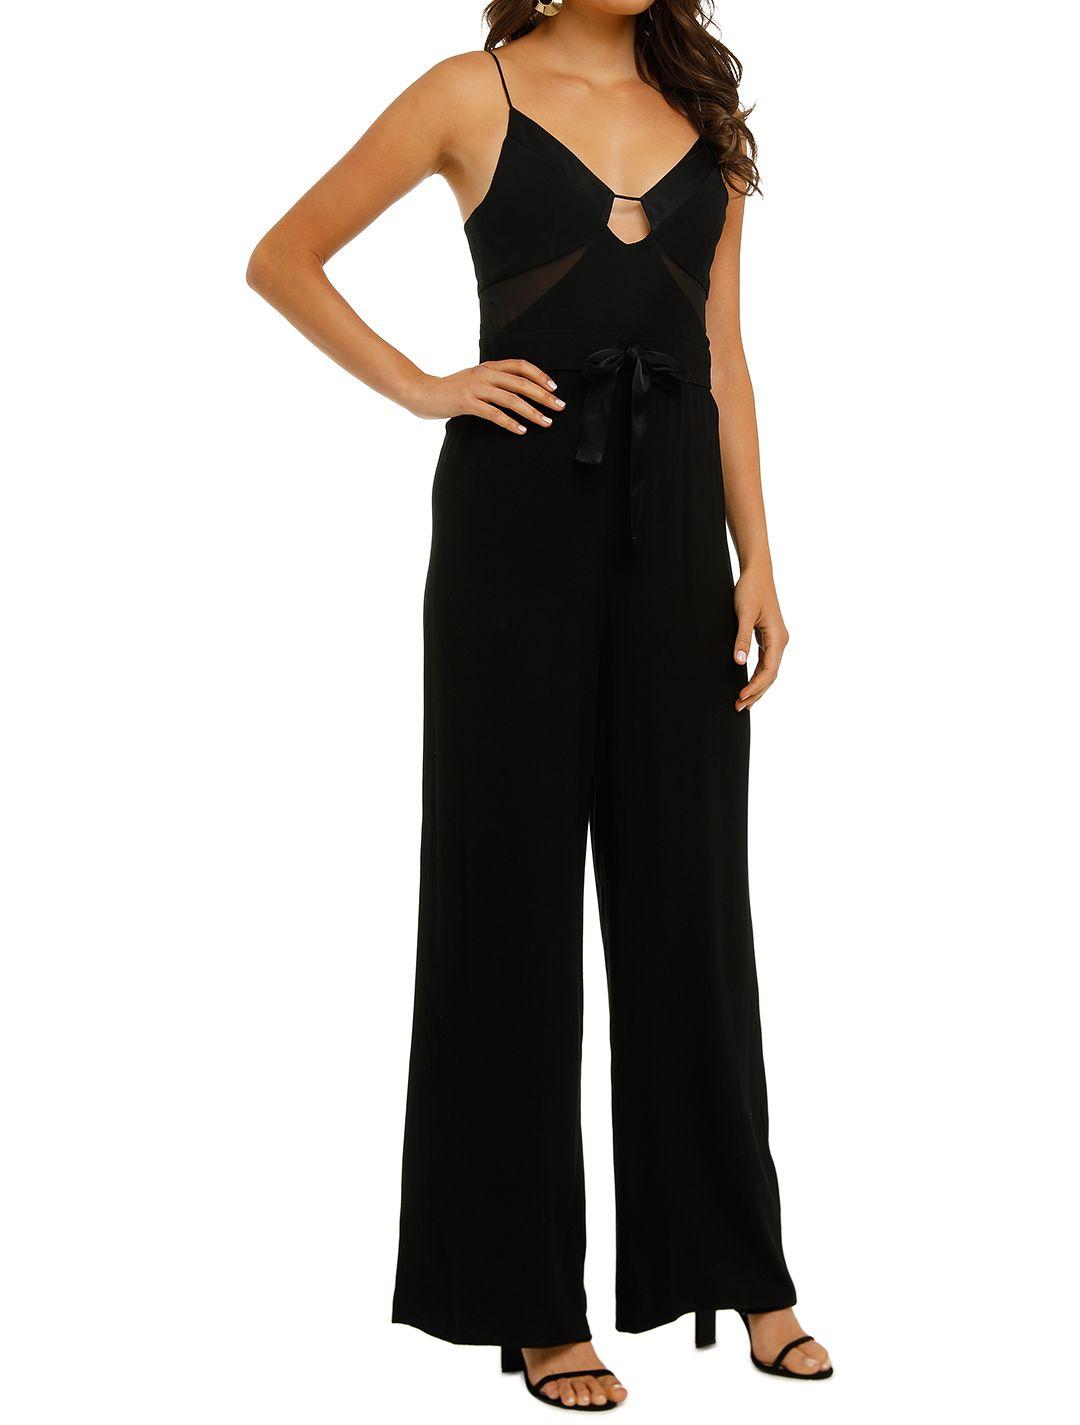 Vestire-Palm-Beach-Jumpsuit-Black-Side